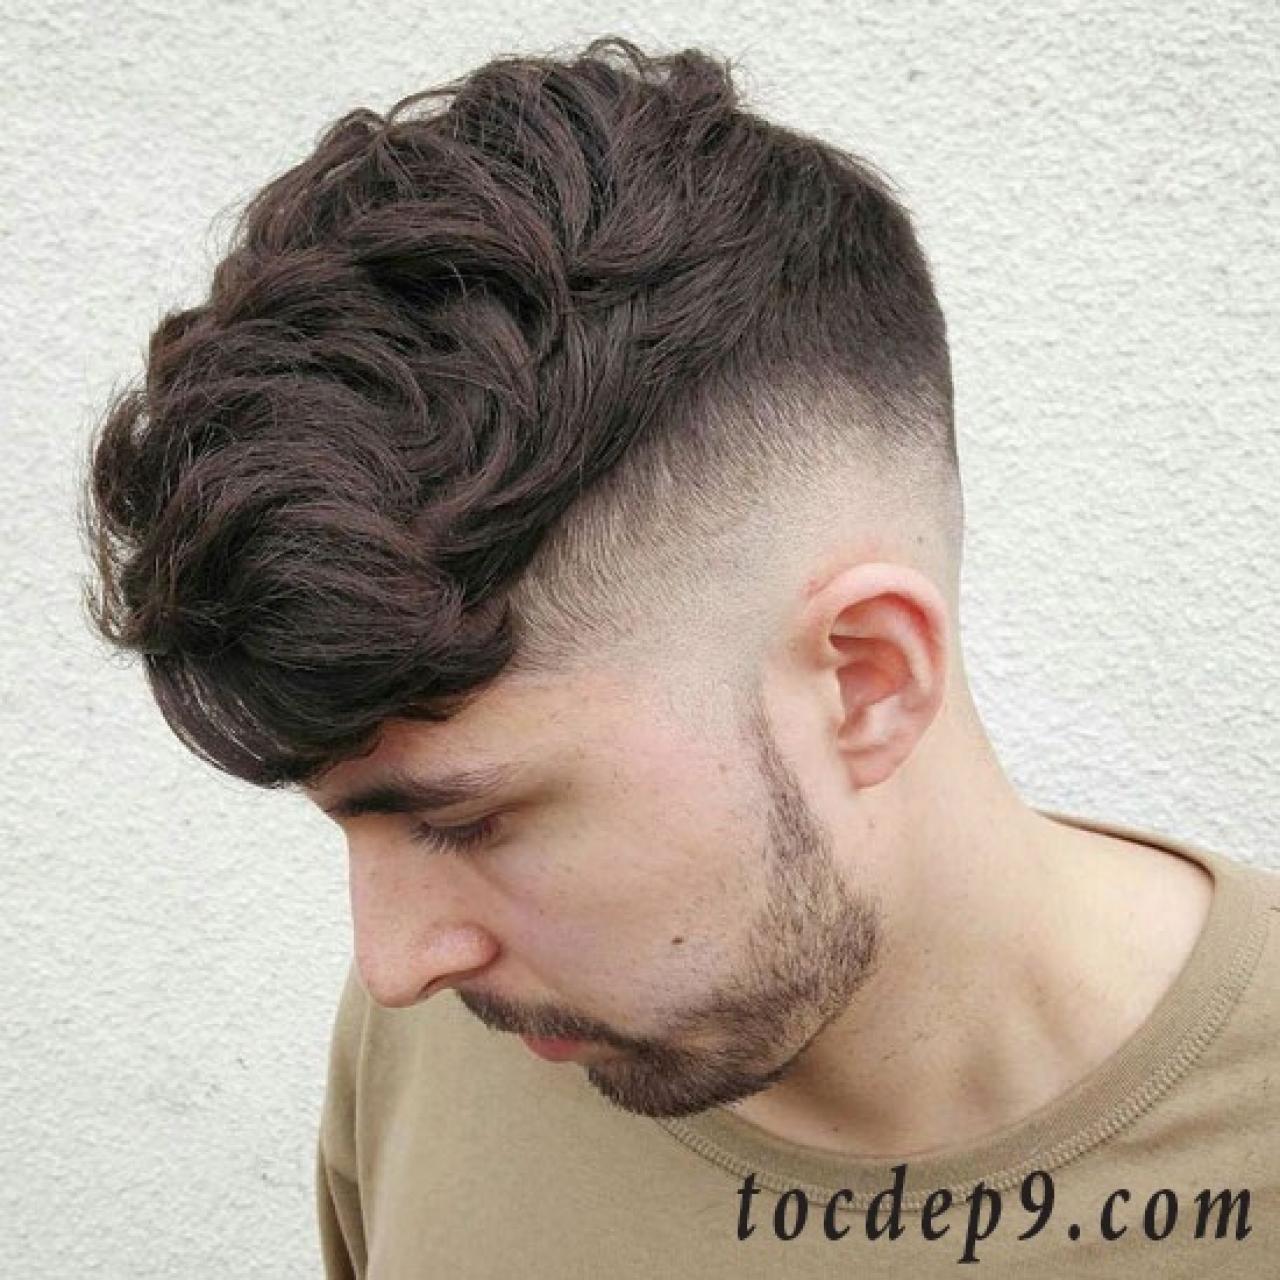 55 kiểu tóc nam undercut vuốt ngang đi học đẹp cho gò má thấp, cằm chẻ & mũi to